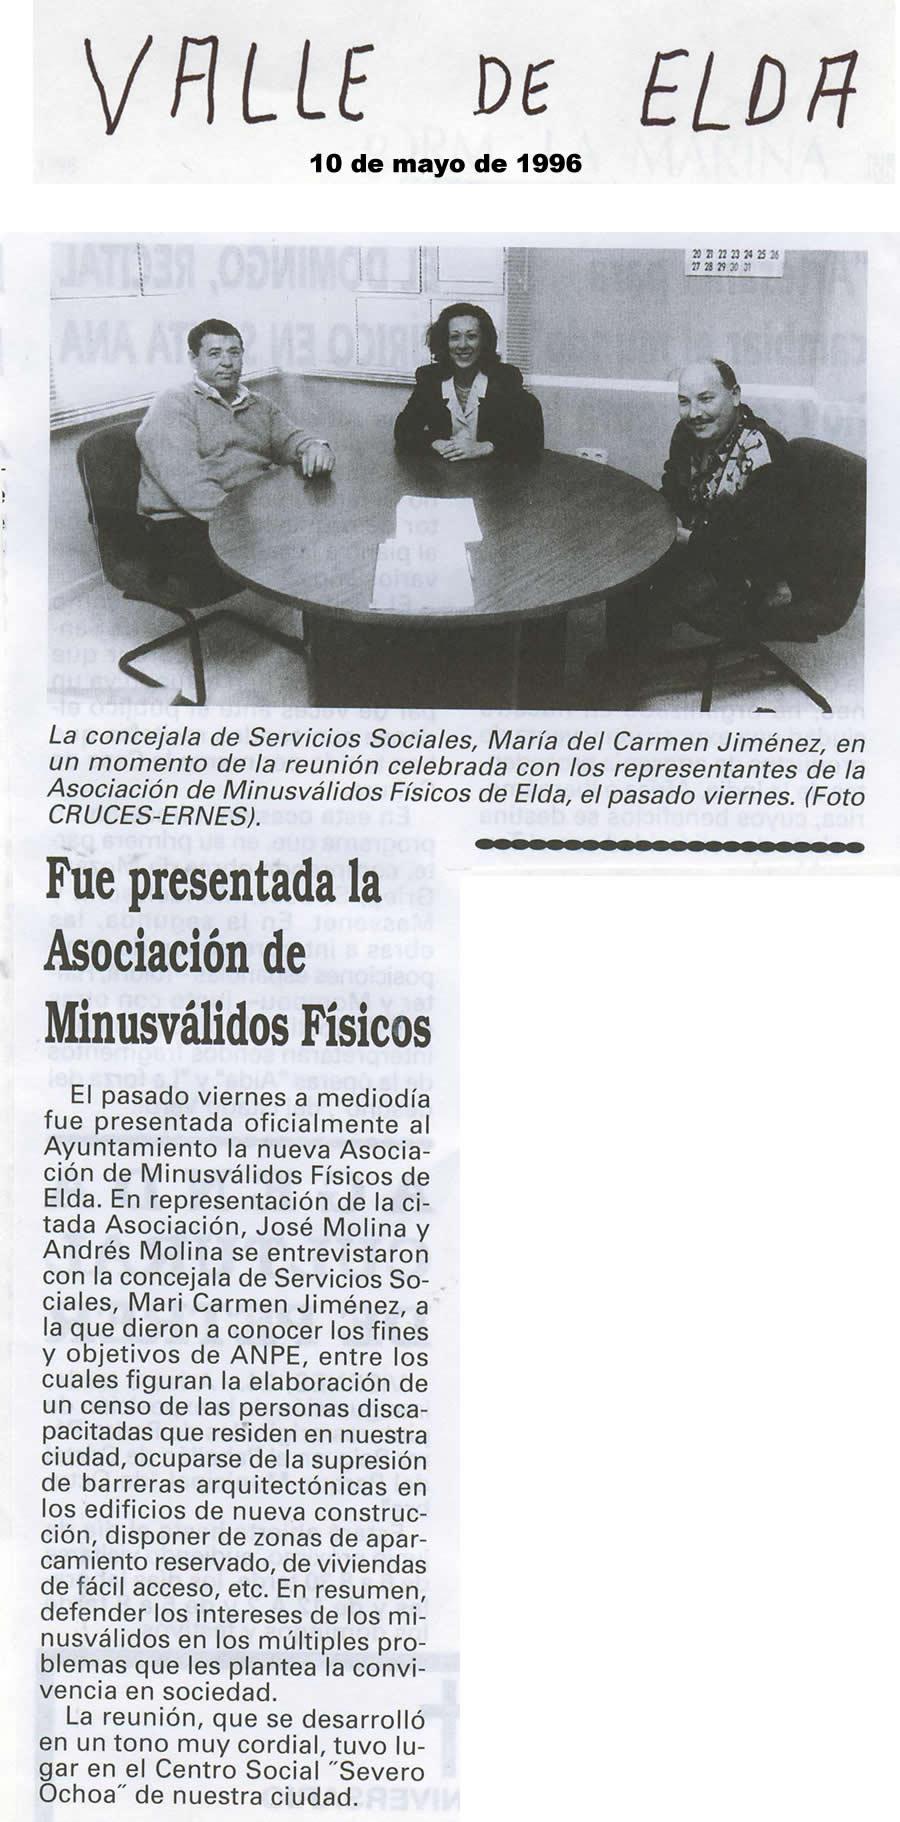 Valle de Elda, 10 de mayo de 1996 Fue presentada la Asociación de Minusválidos Físicos AMFI